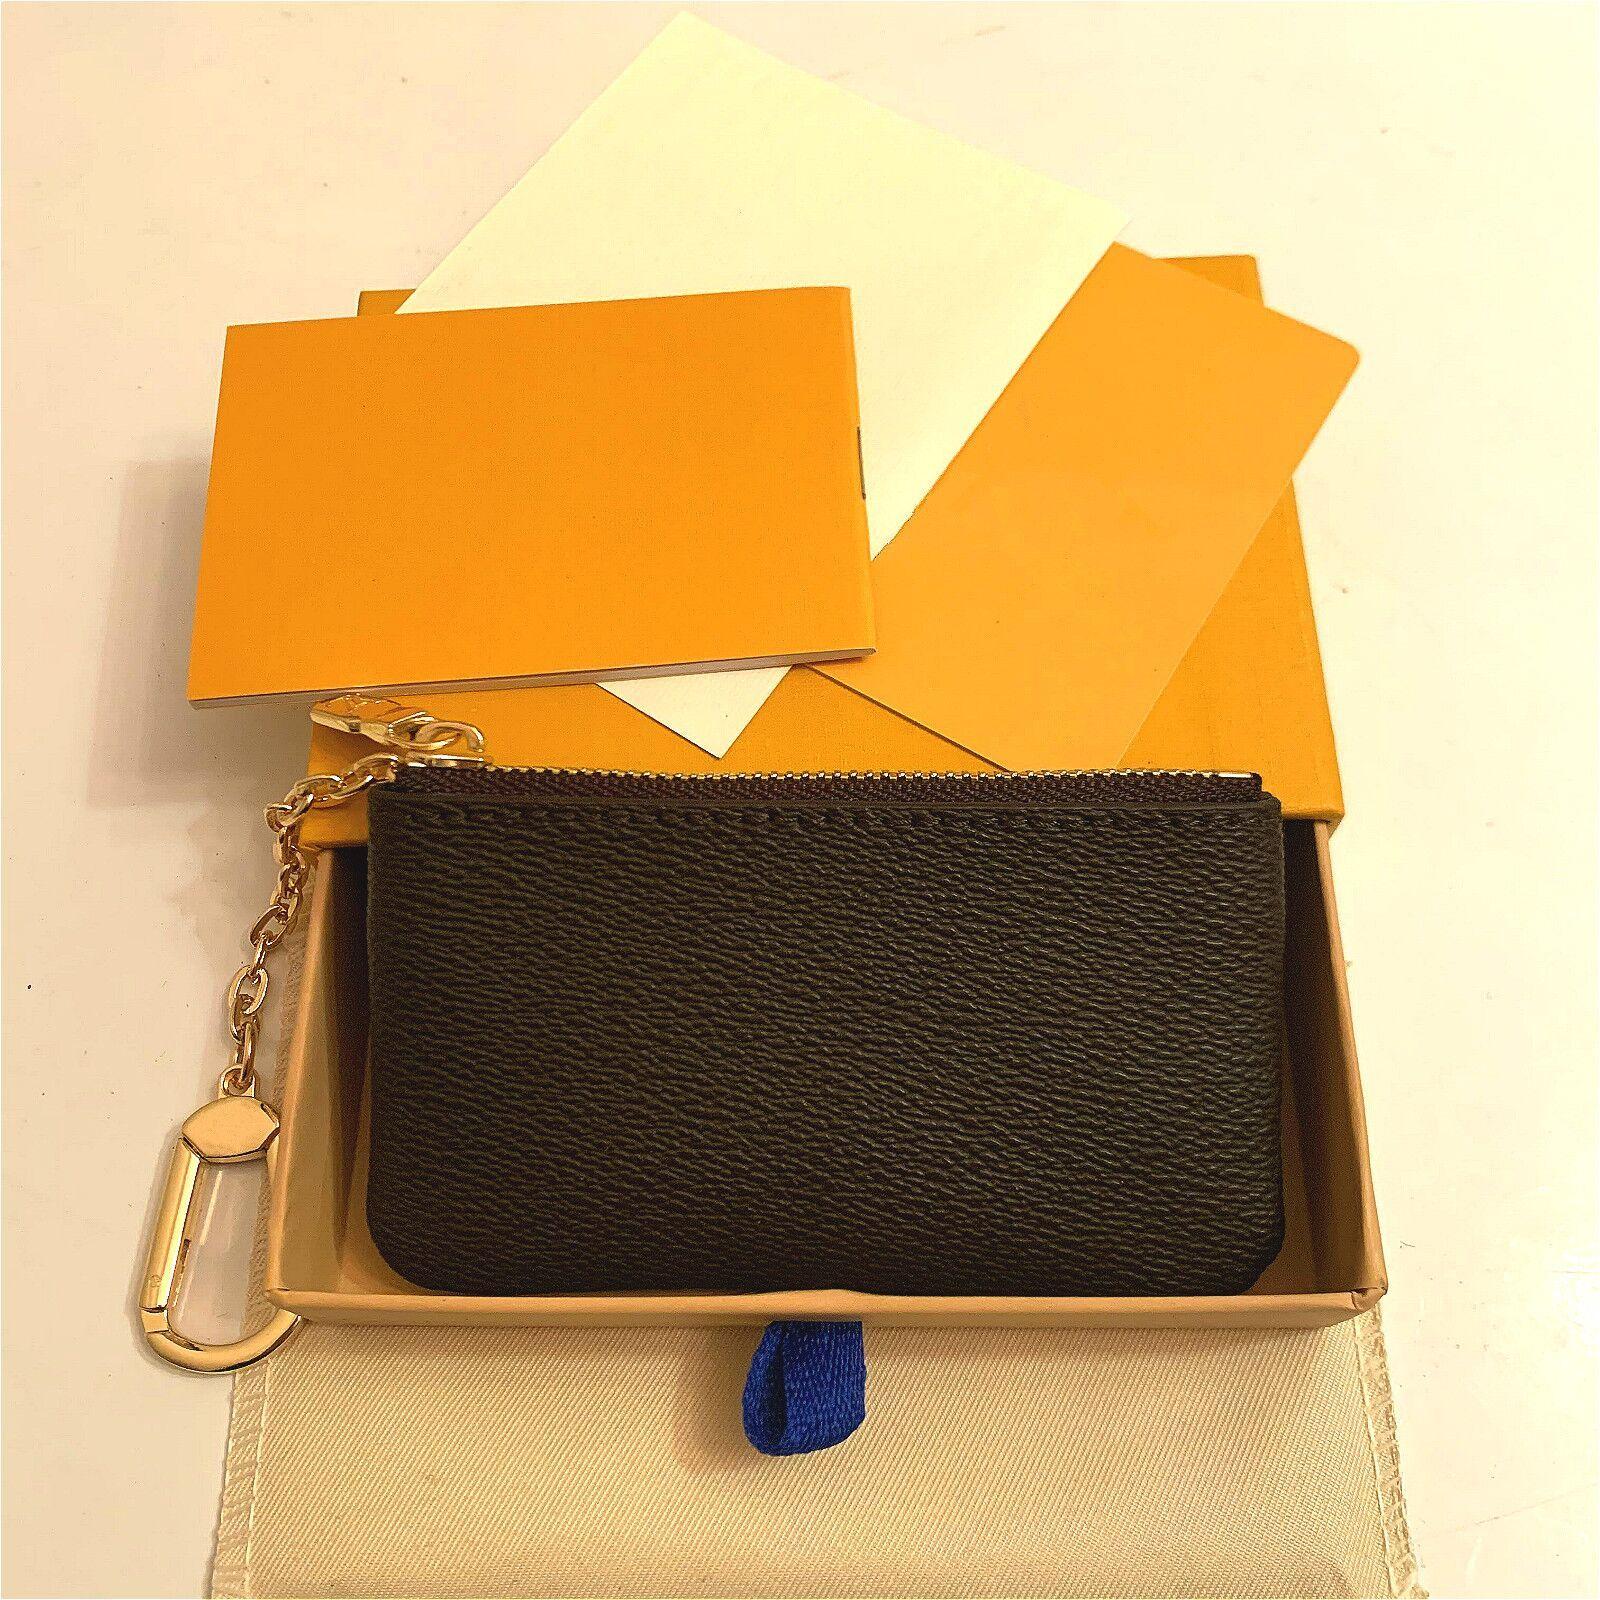 Alta Qualidade 5 Color Pochette Cles Designers Moeda Bolsa Chave Bolsa de Couro Mulher Mens Chaveiro Titular Cartão de Crédito Luxo Pequeno Carteira Mini Bolsas com Número de Serial